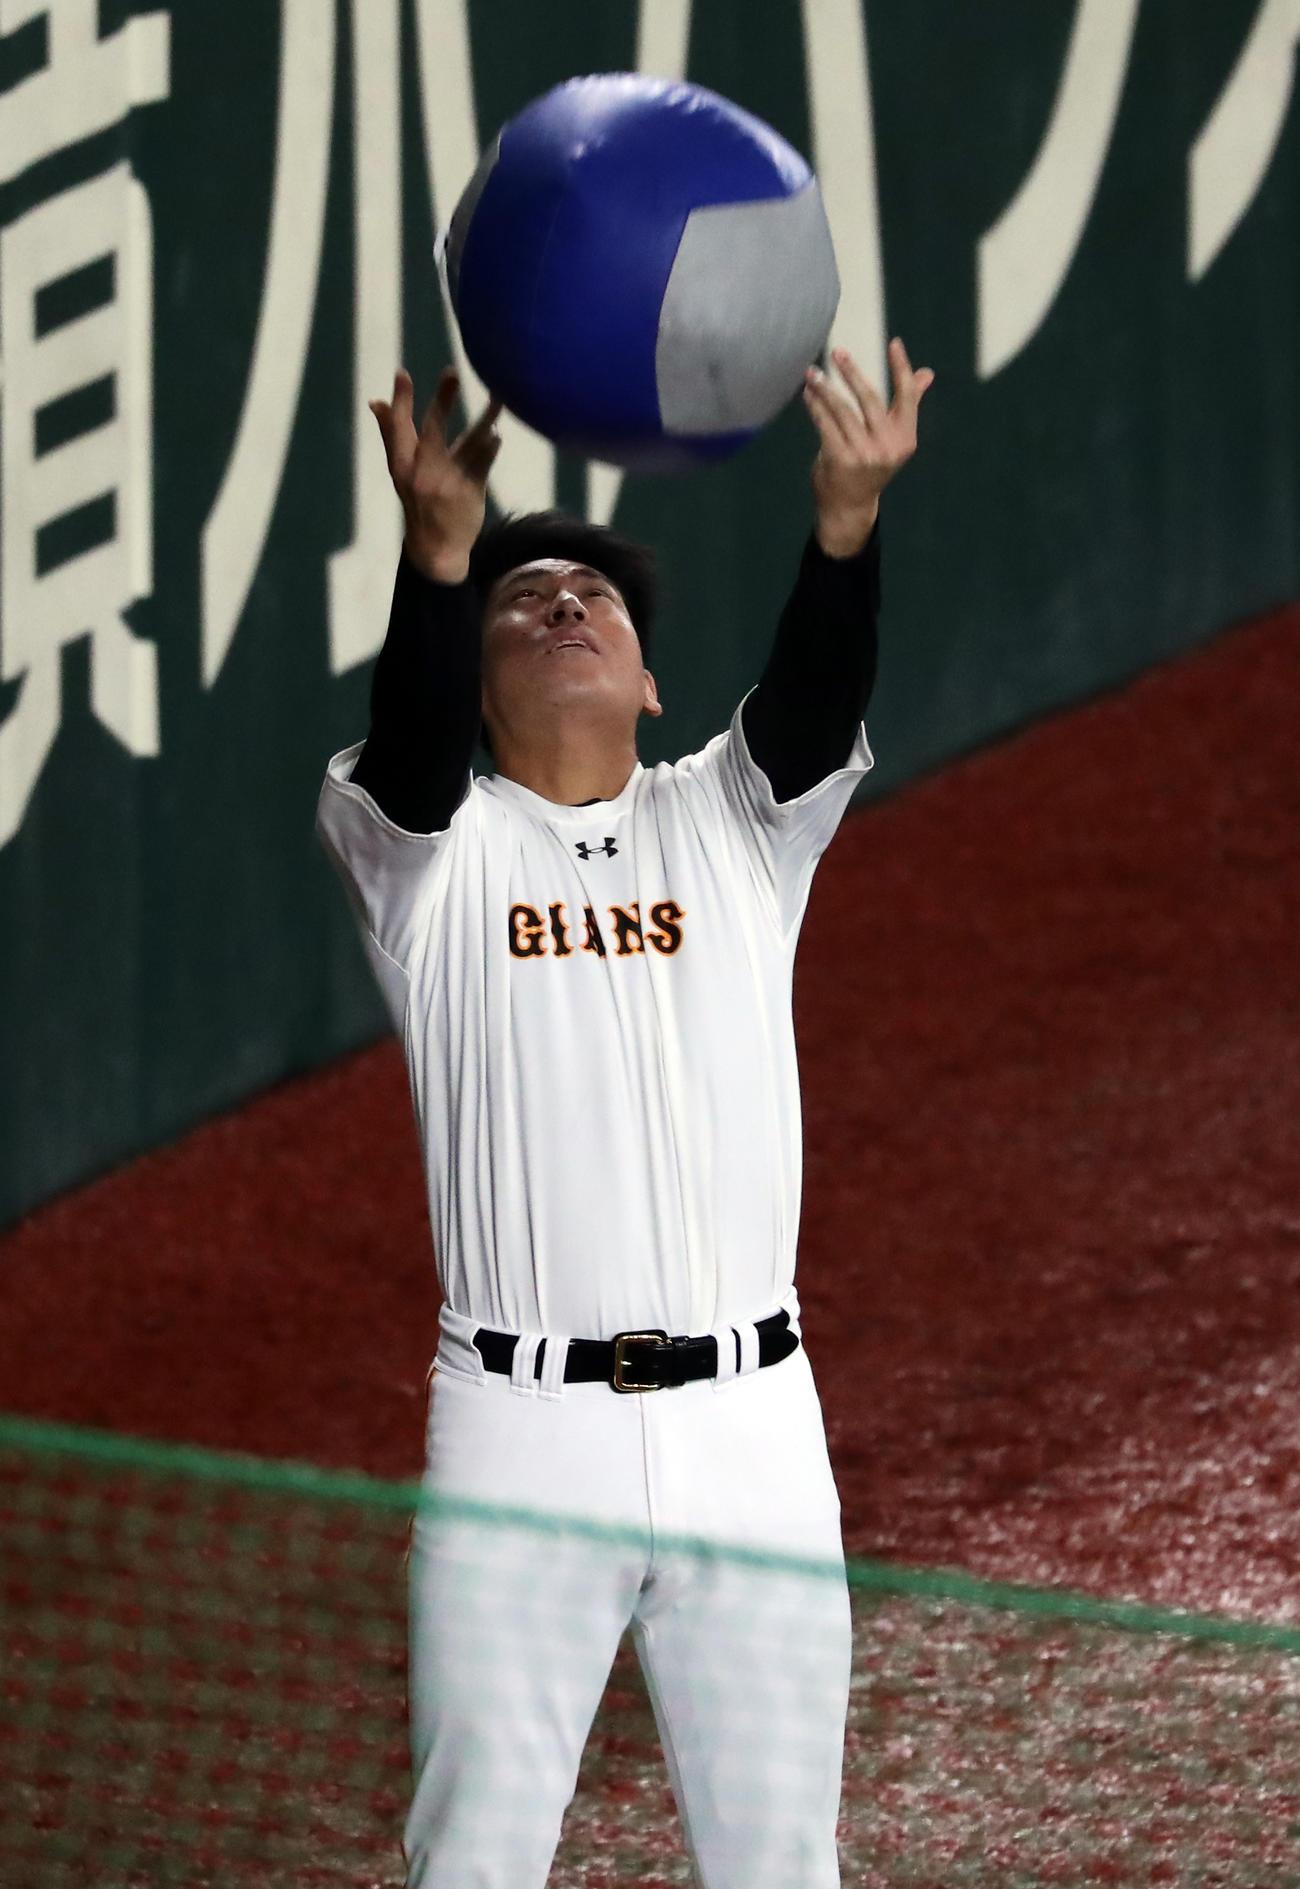 巨人対楽天 試合前練習でメディシンボールを投げる巨人桜井(撮影・浅見桂子)